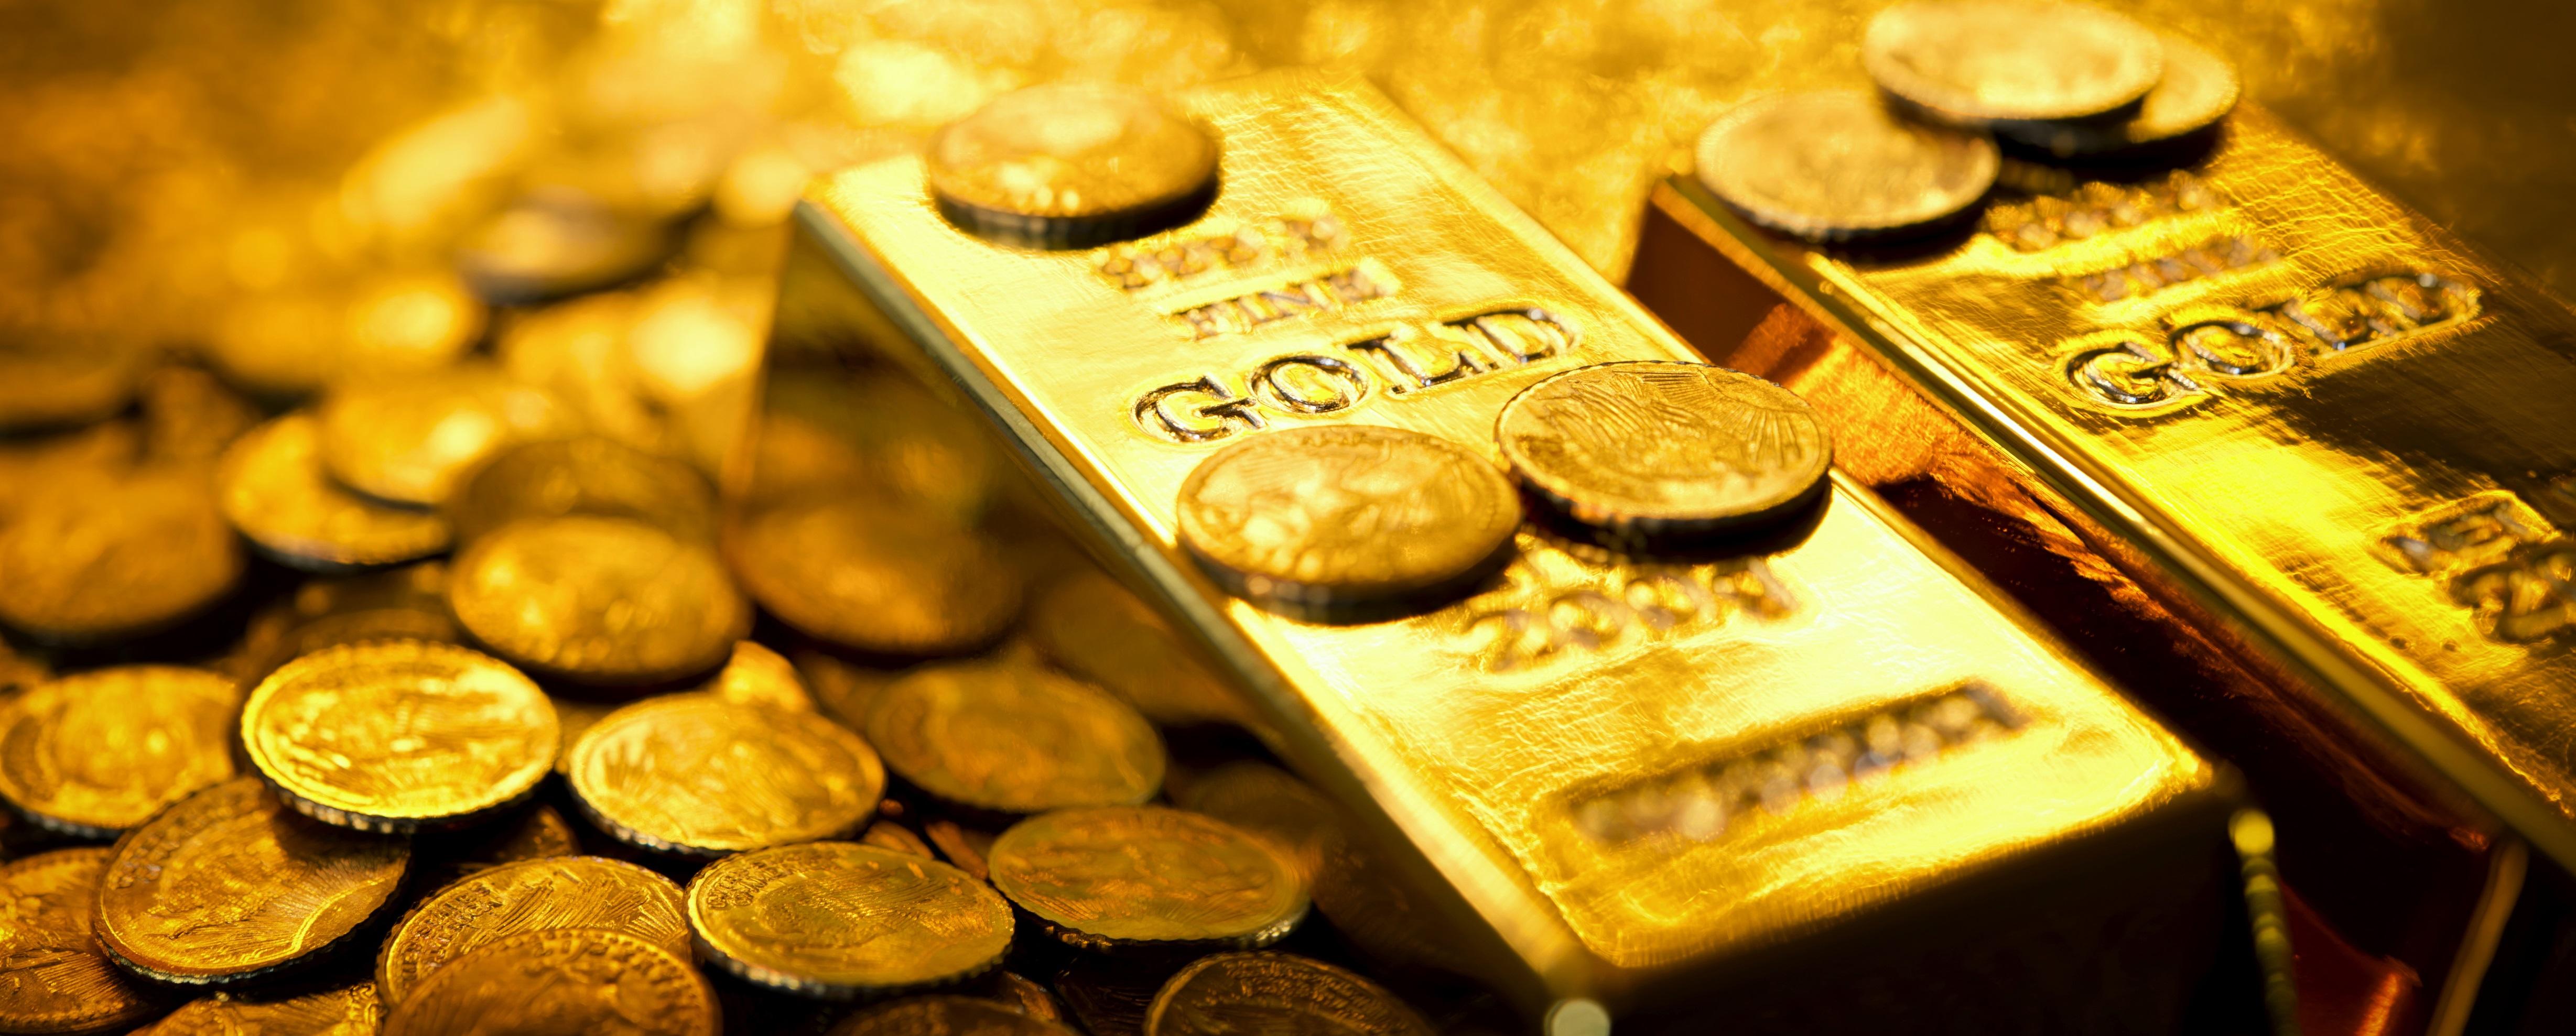 Giá vàng giảm về mức 35.63 triệu đồng/lượng